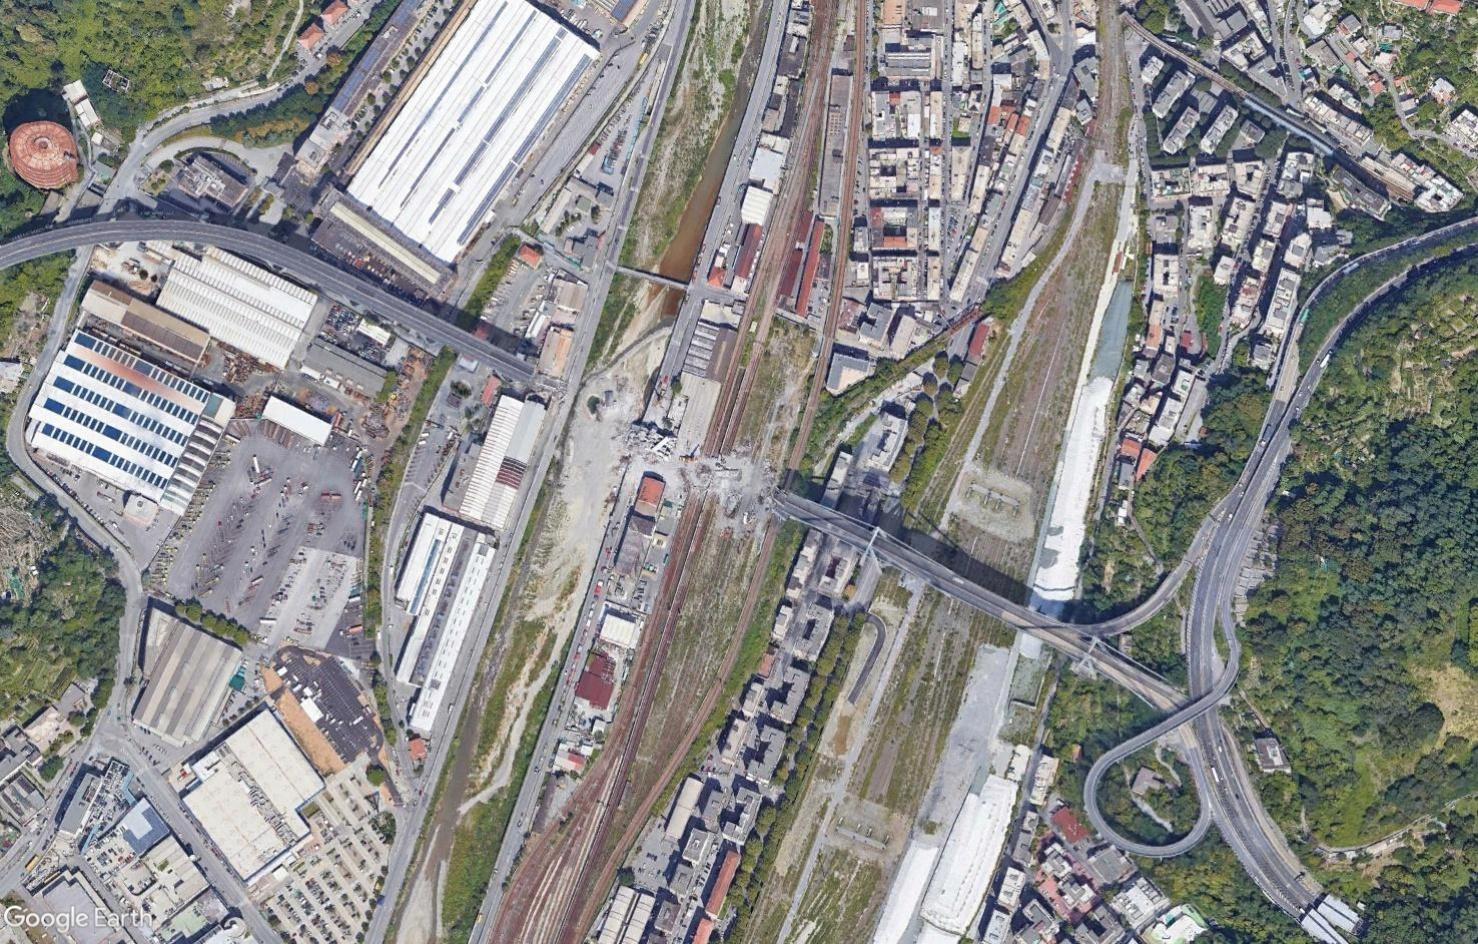 [Bientôt visible sur Google Earth] - Le pont Morandi, Gênes Tsge1596